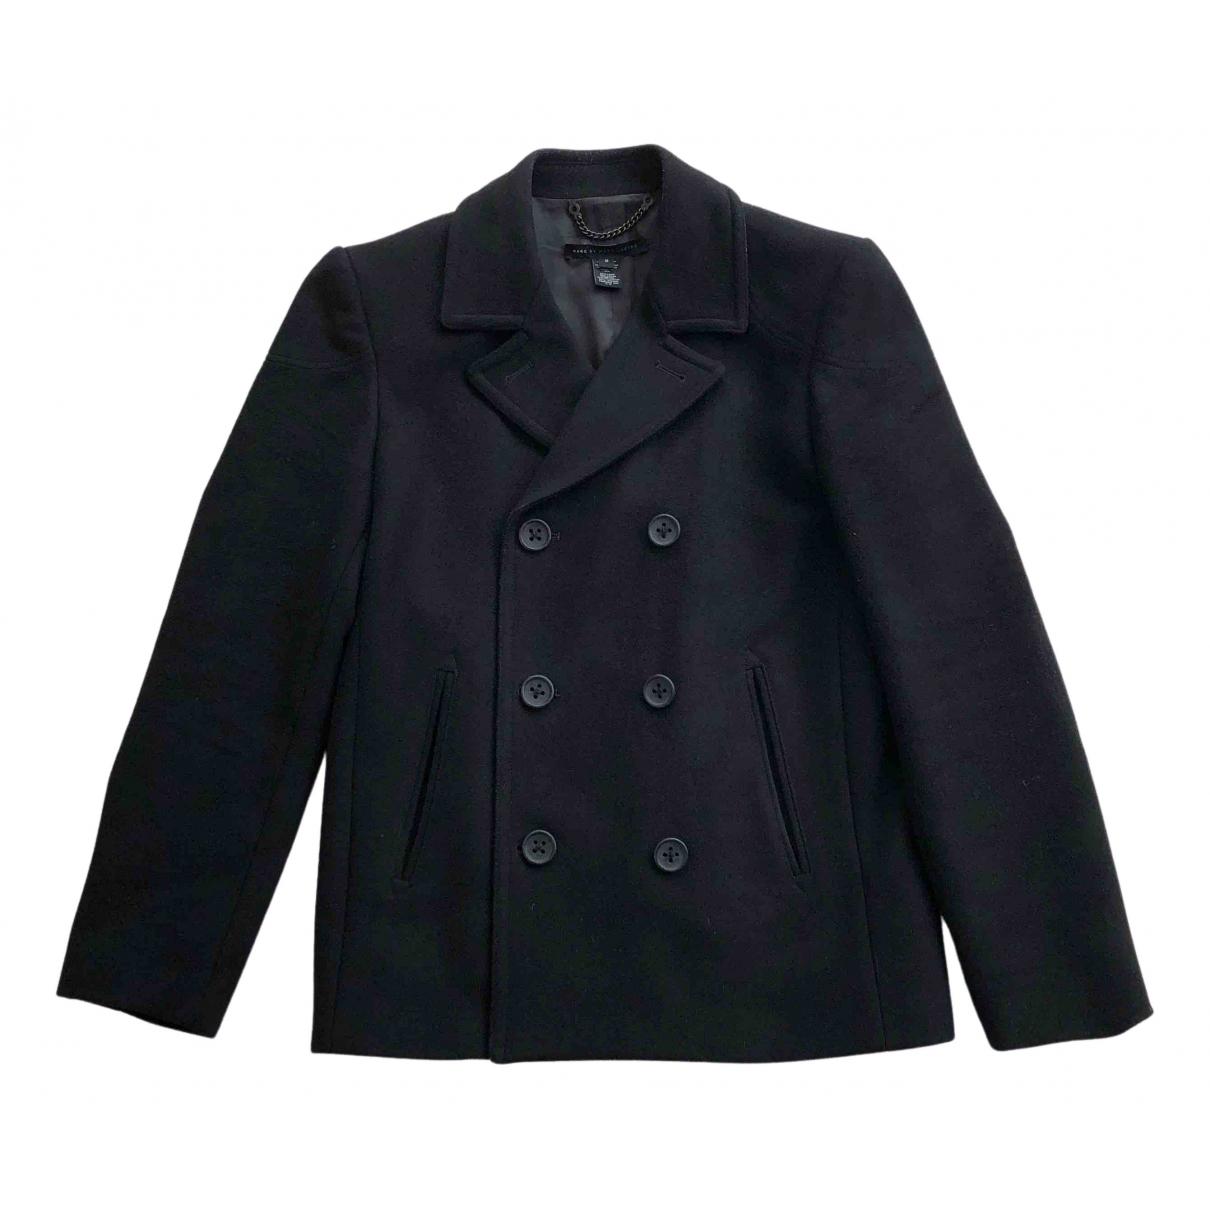 Marc By Marc Jacobs - Manteau   pour homme en laine - noir